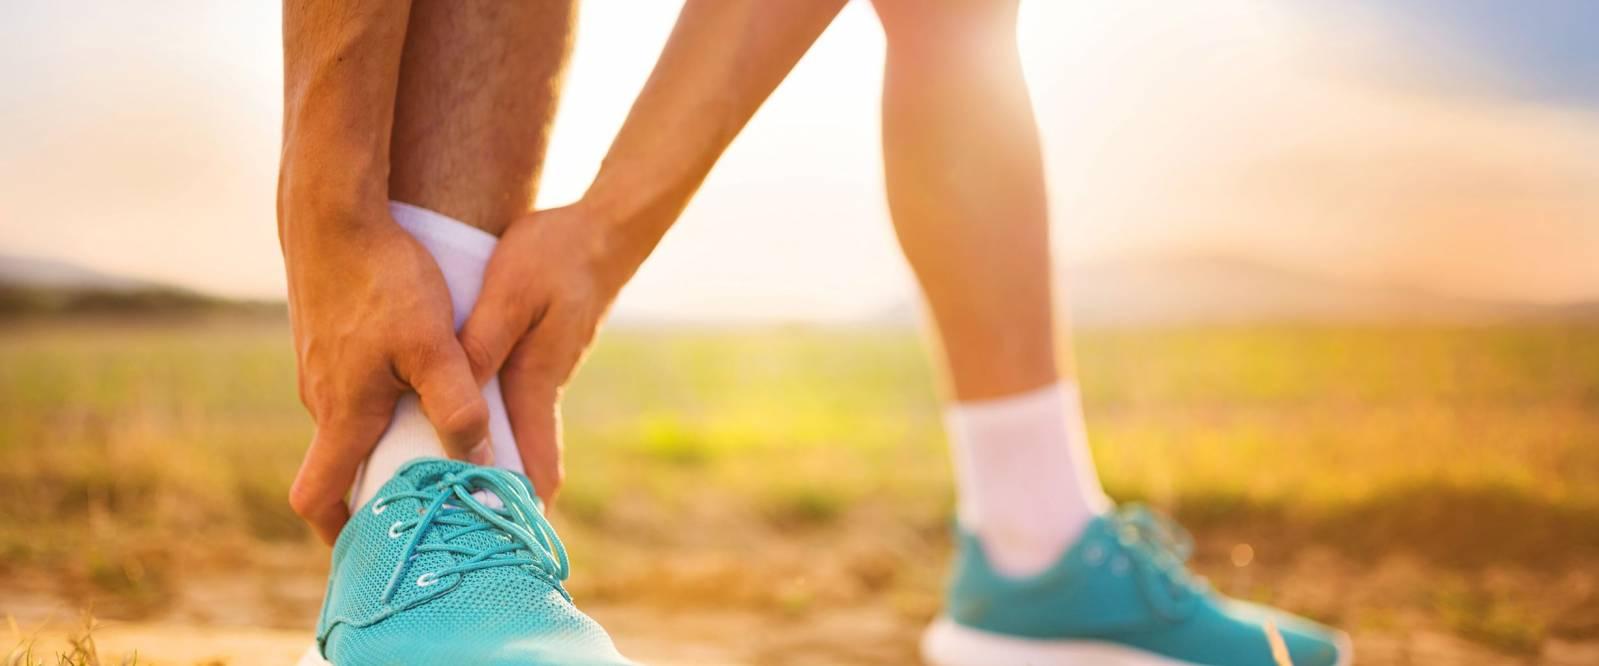 dolore e rigidità articolari e improvvisa perdita di peso